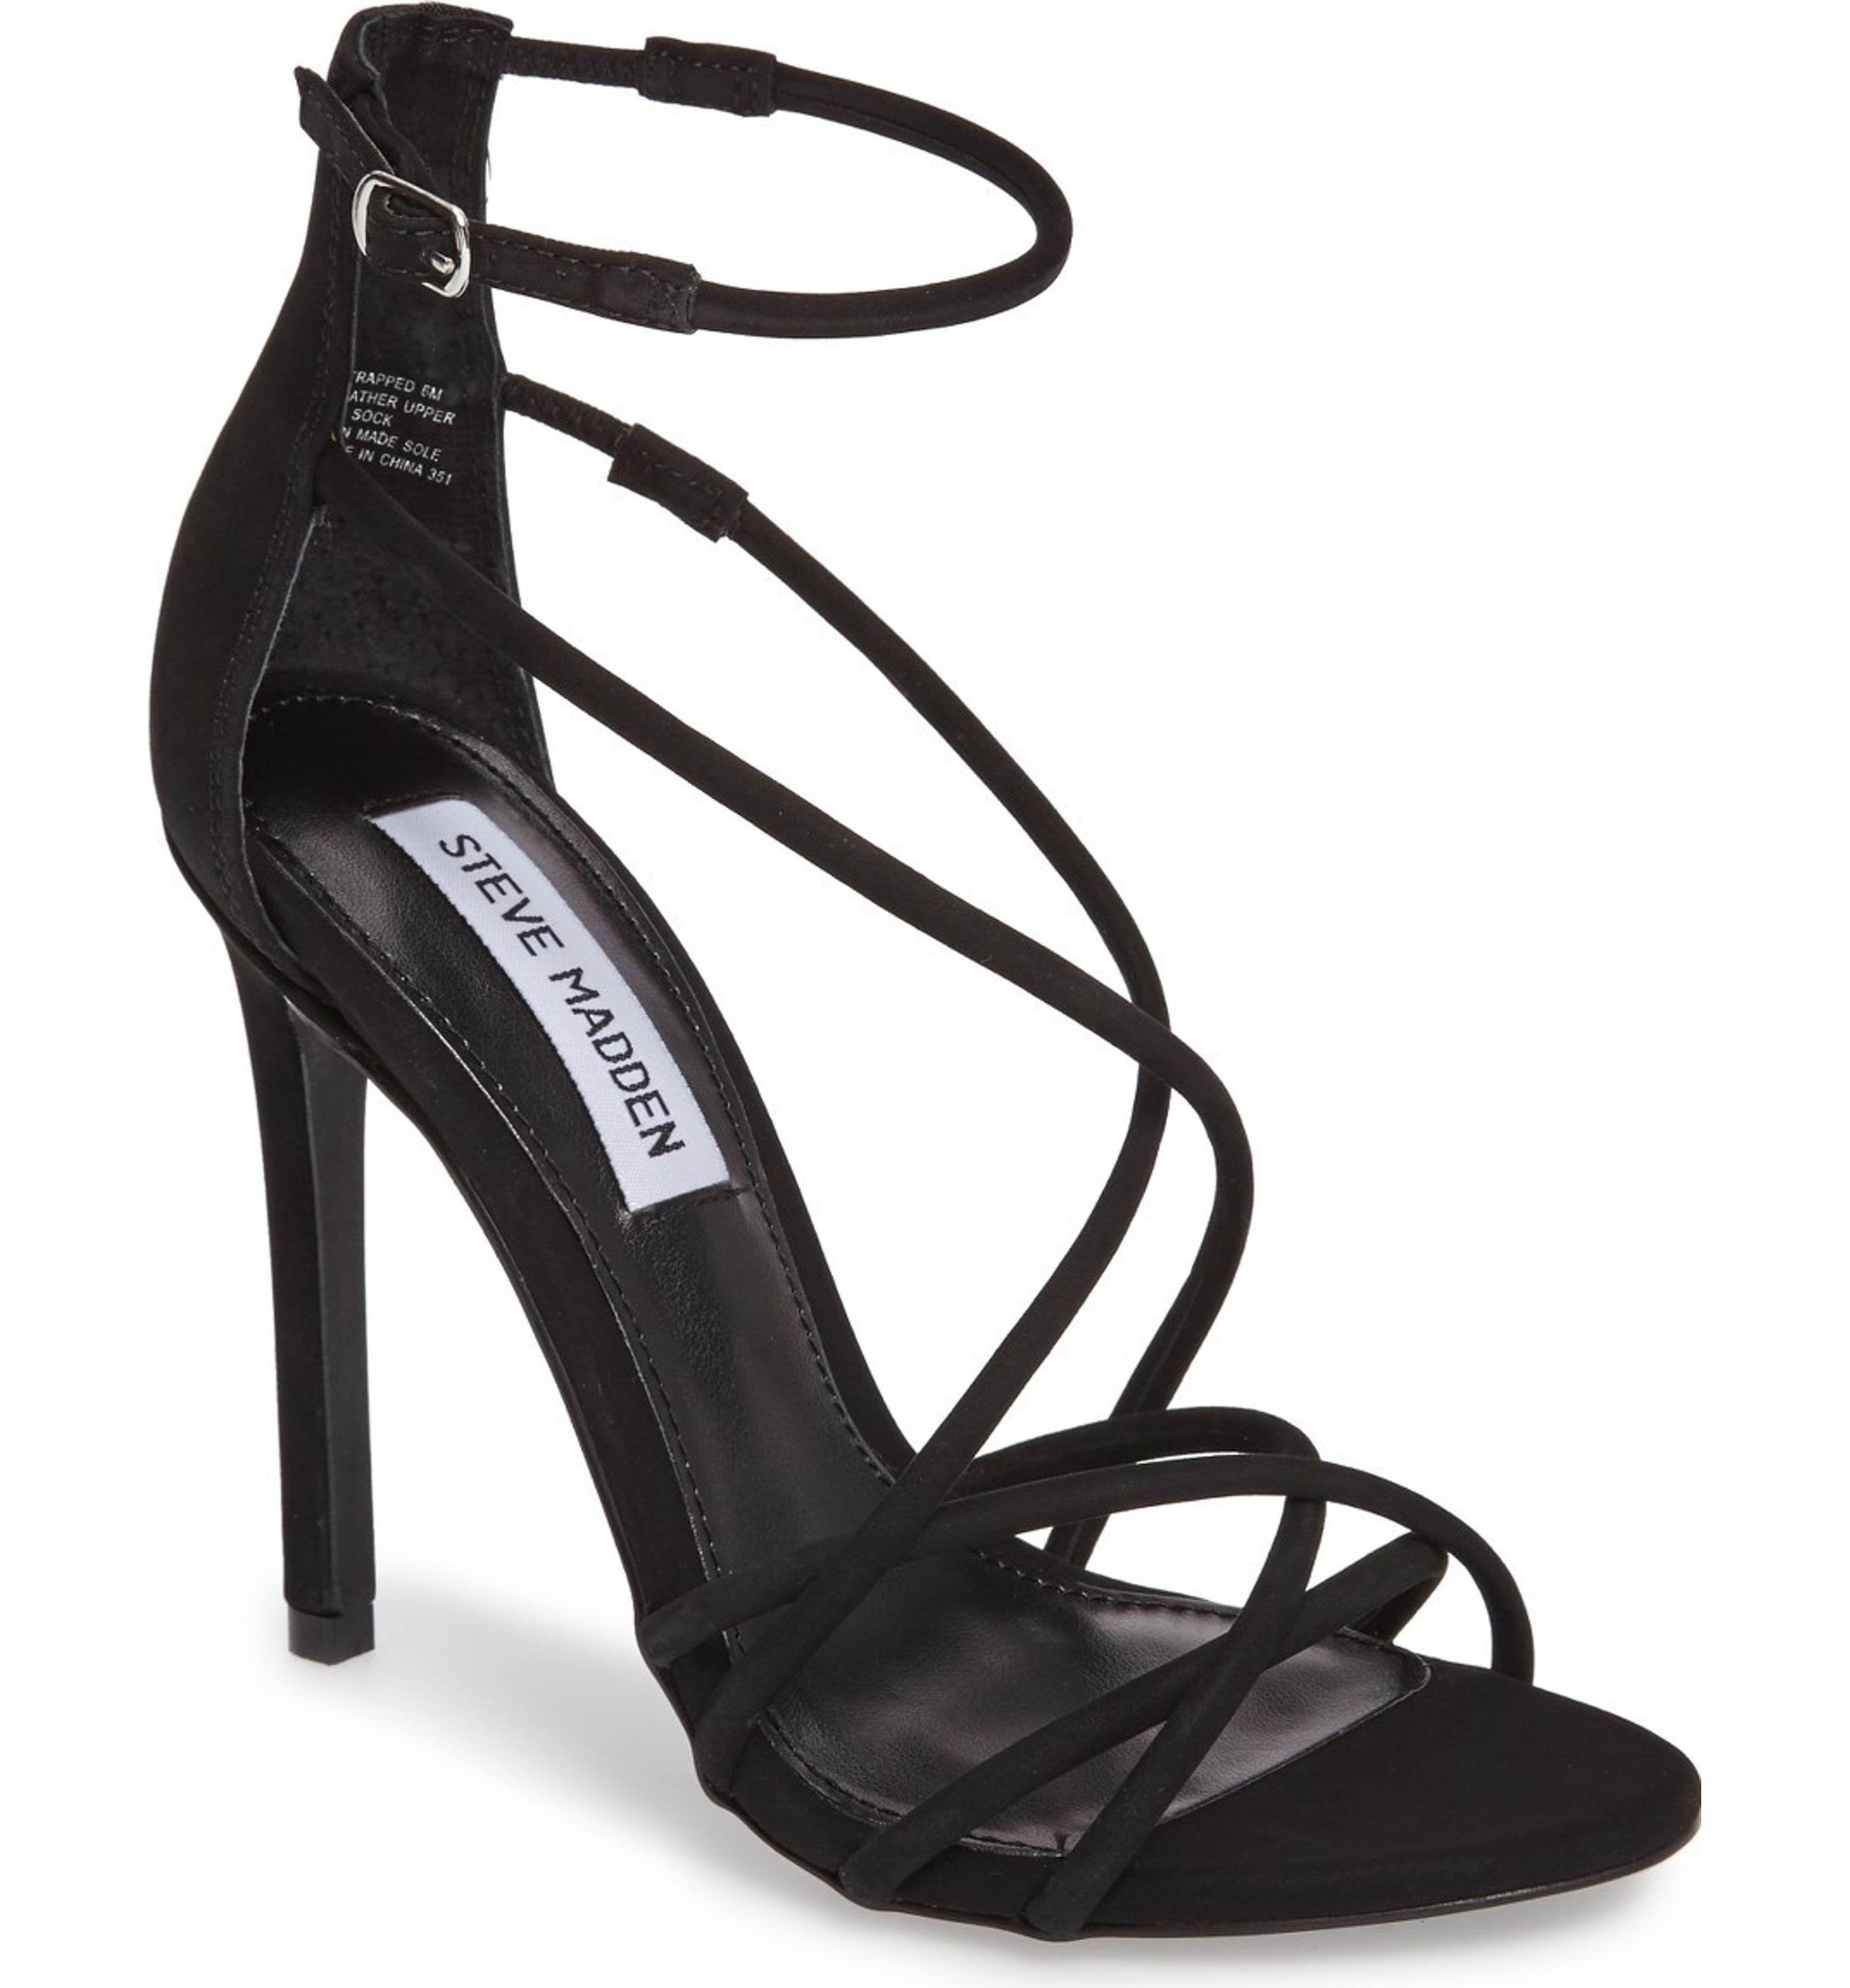 Steve Madden Strappy Sandal (Women